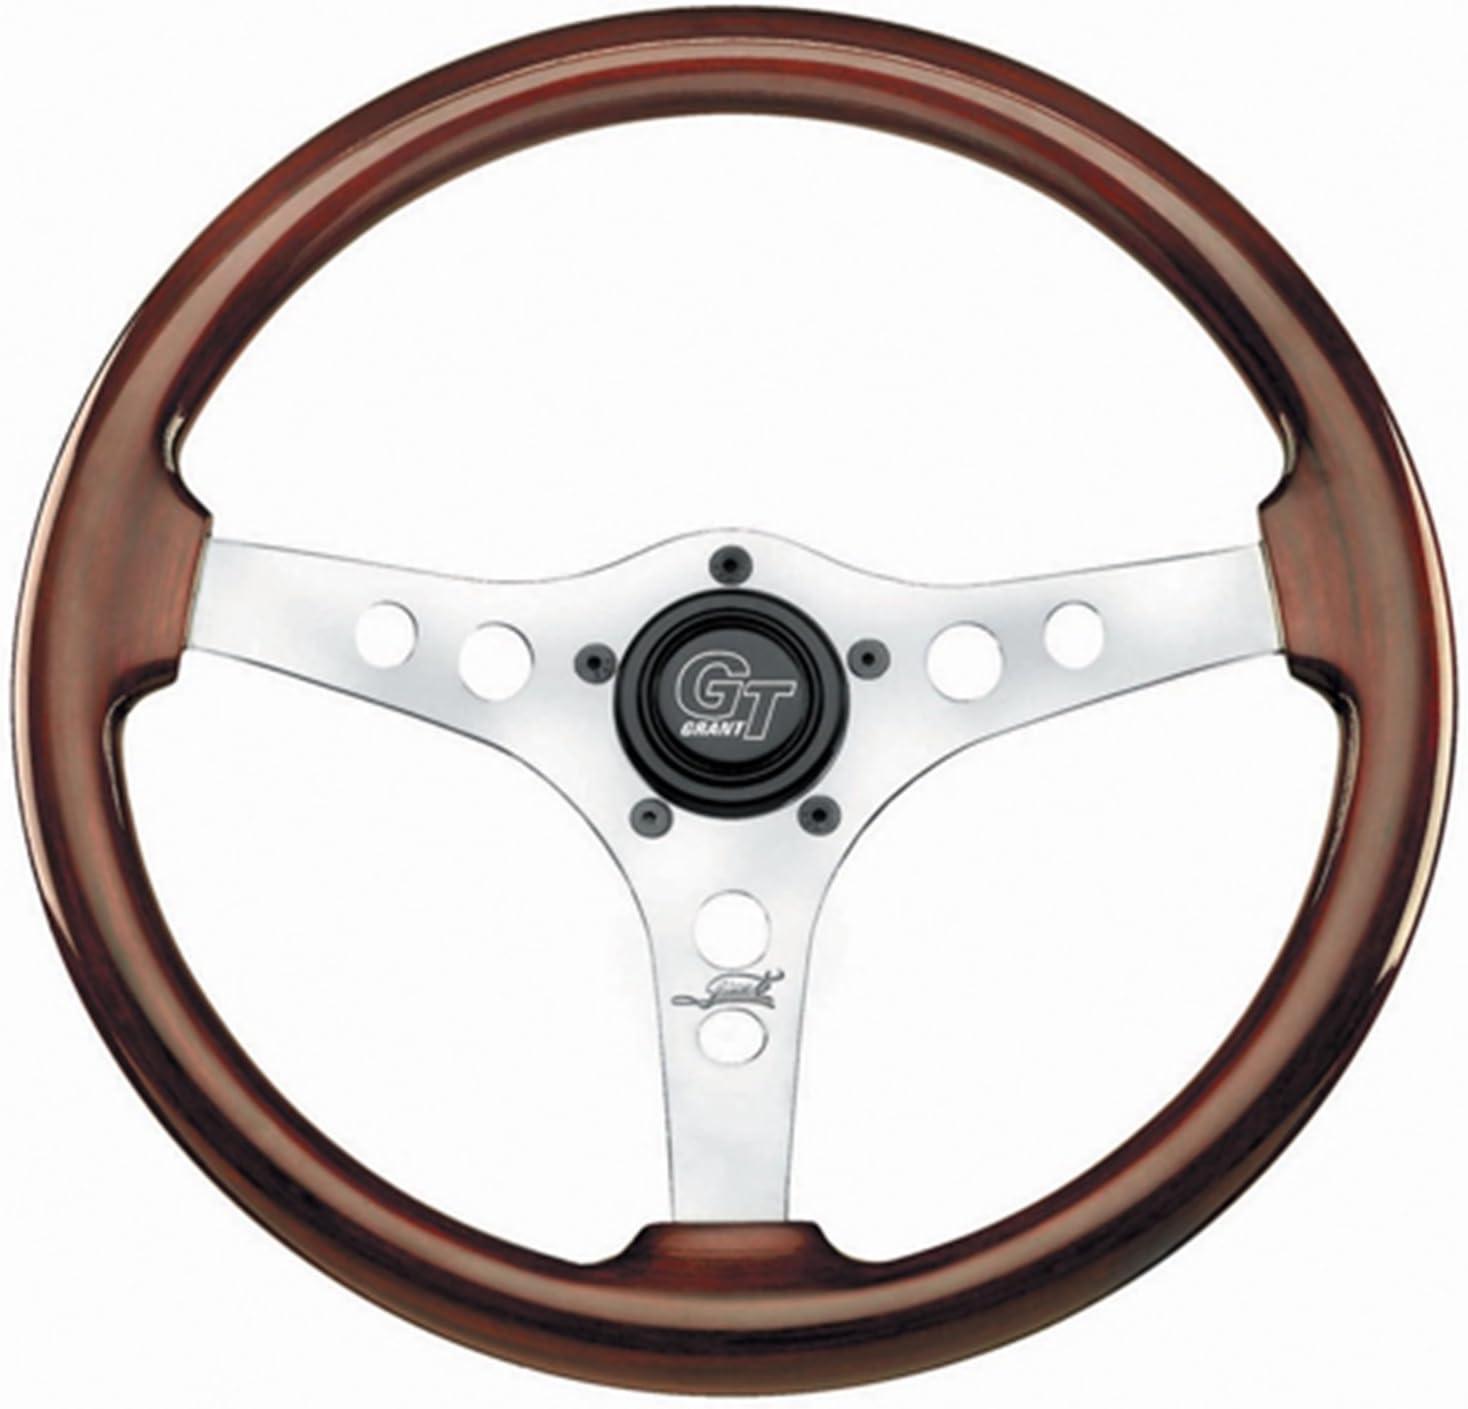 Grant Products 704 Mahogany Wheel